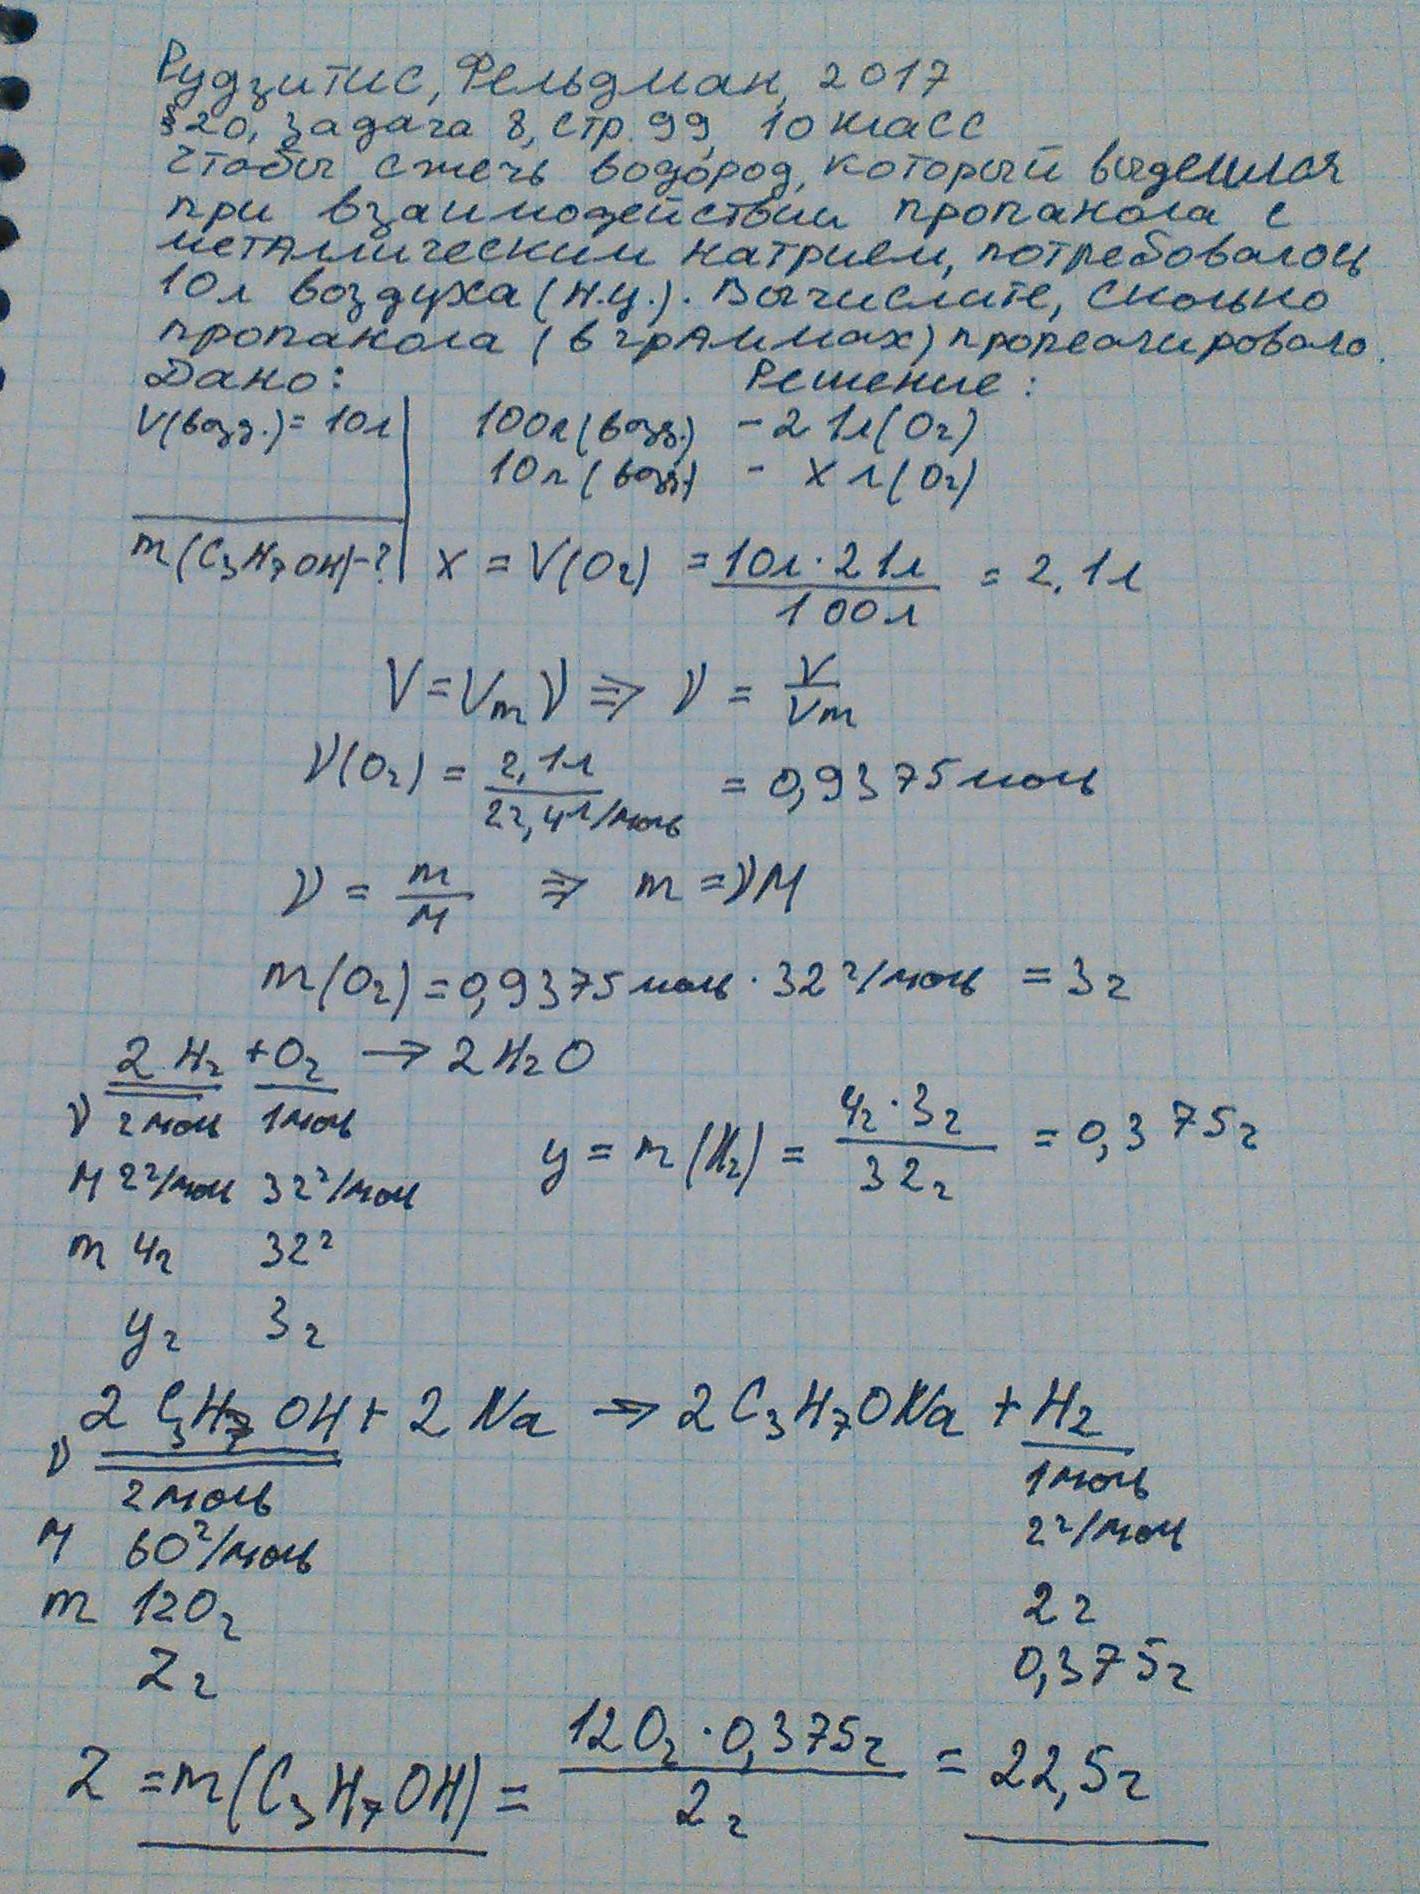 рудзитис задача 8 стр 99 химия 10 кл.jpg